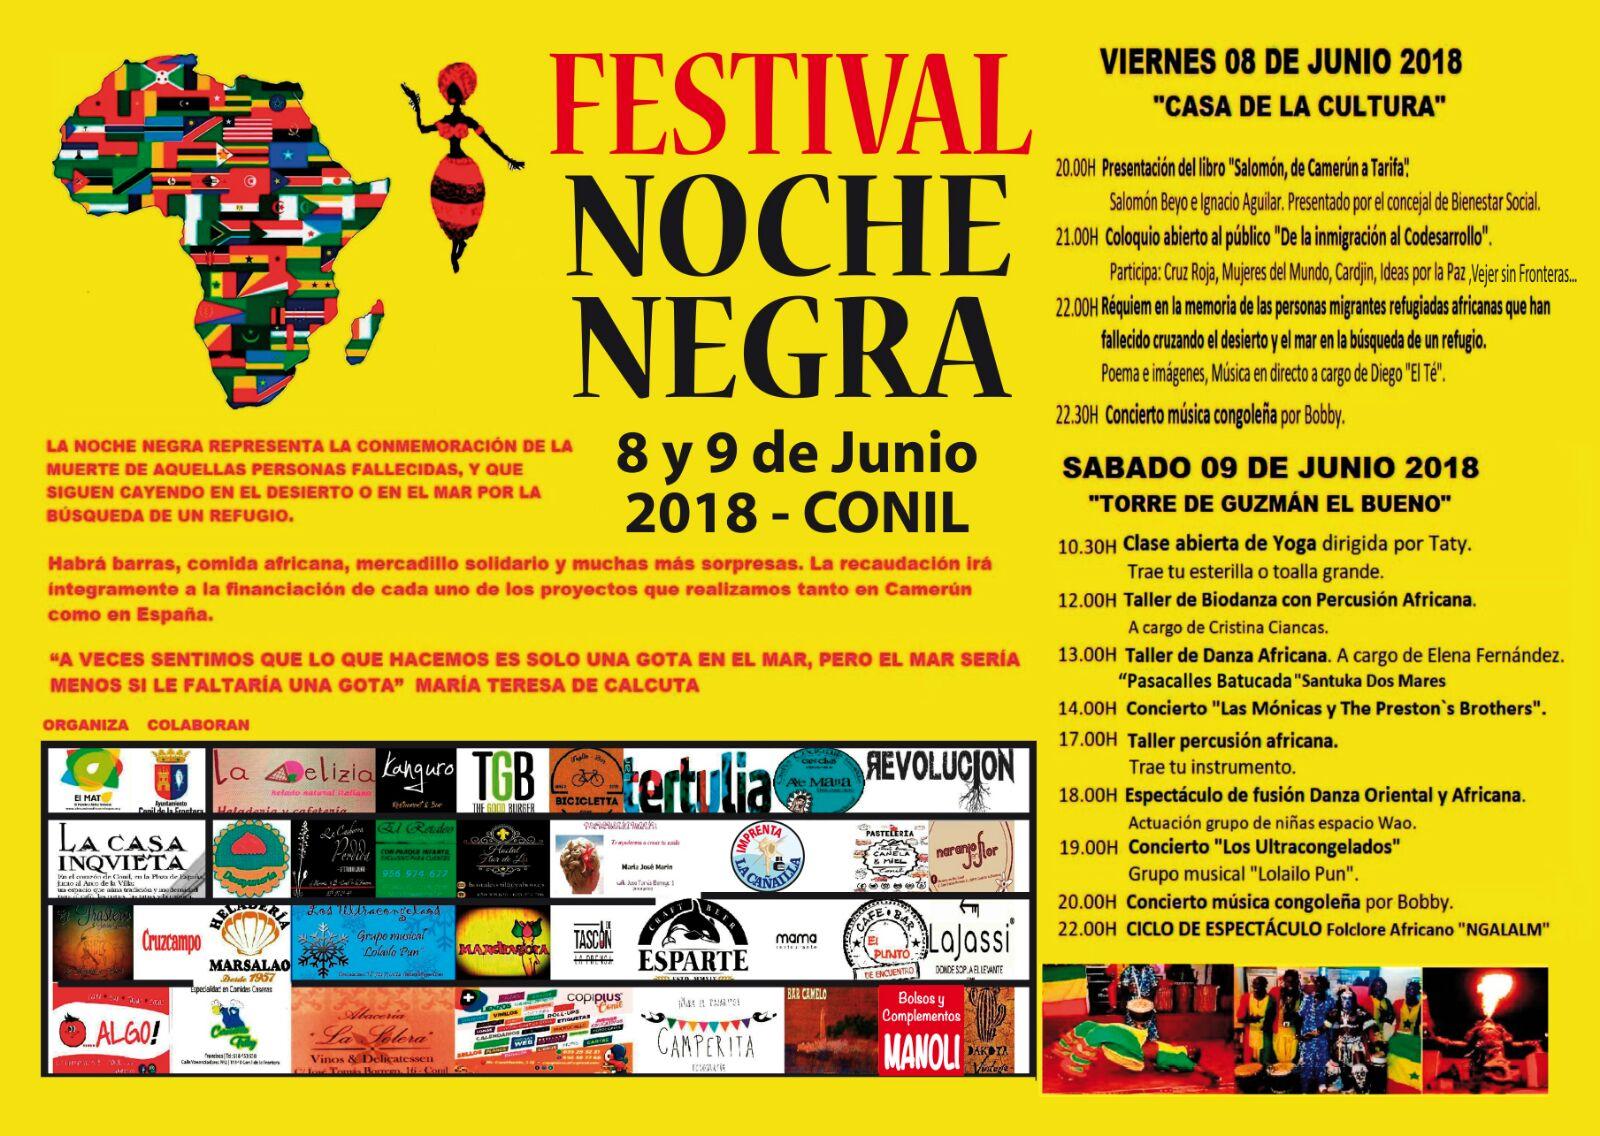 Cartel del Festival Noche Negra